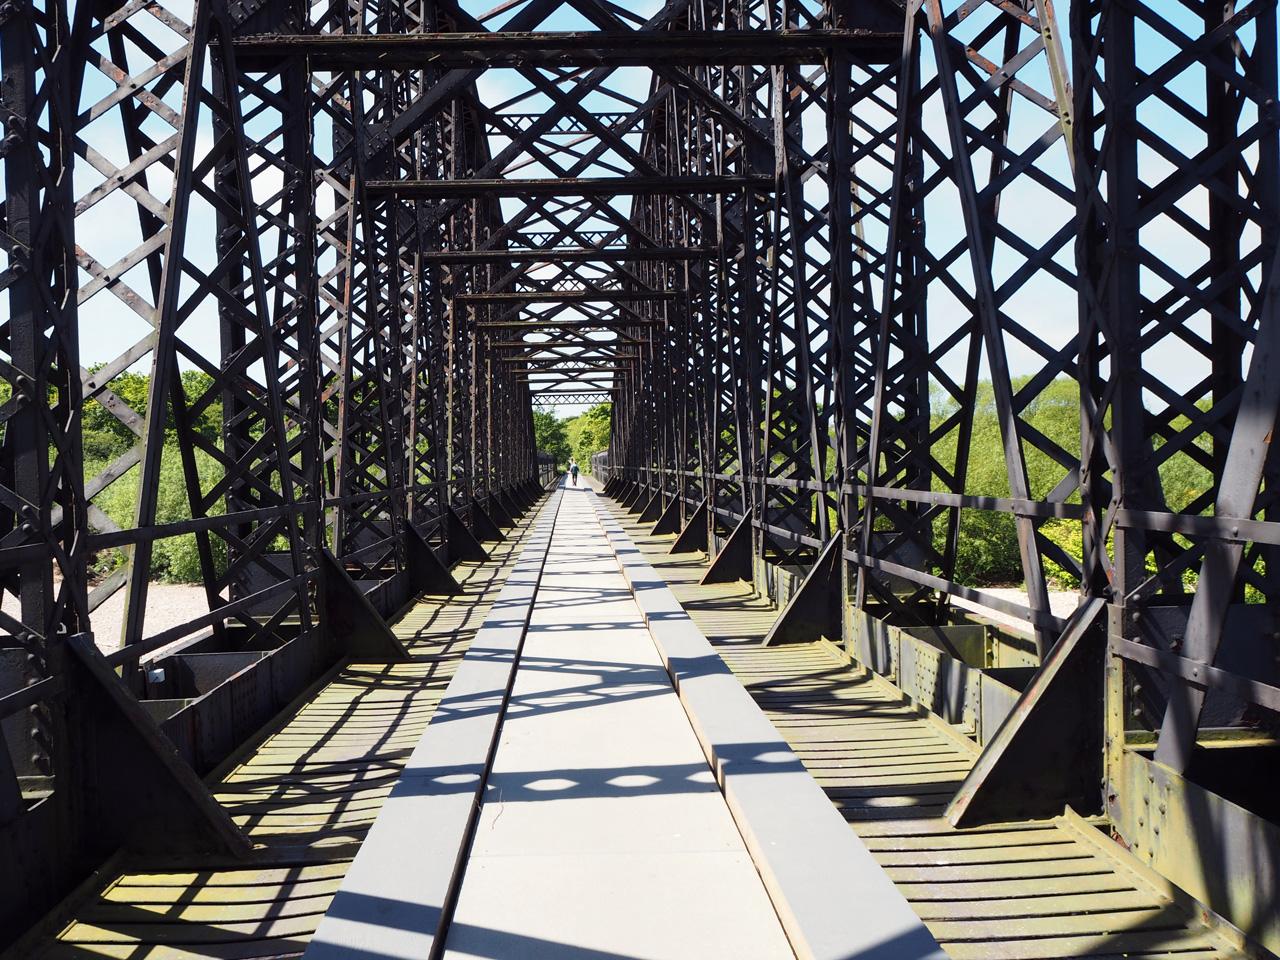 lunchpauze bij een oude spoorbrug